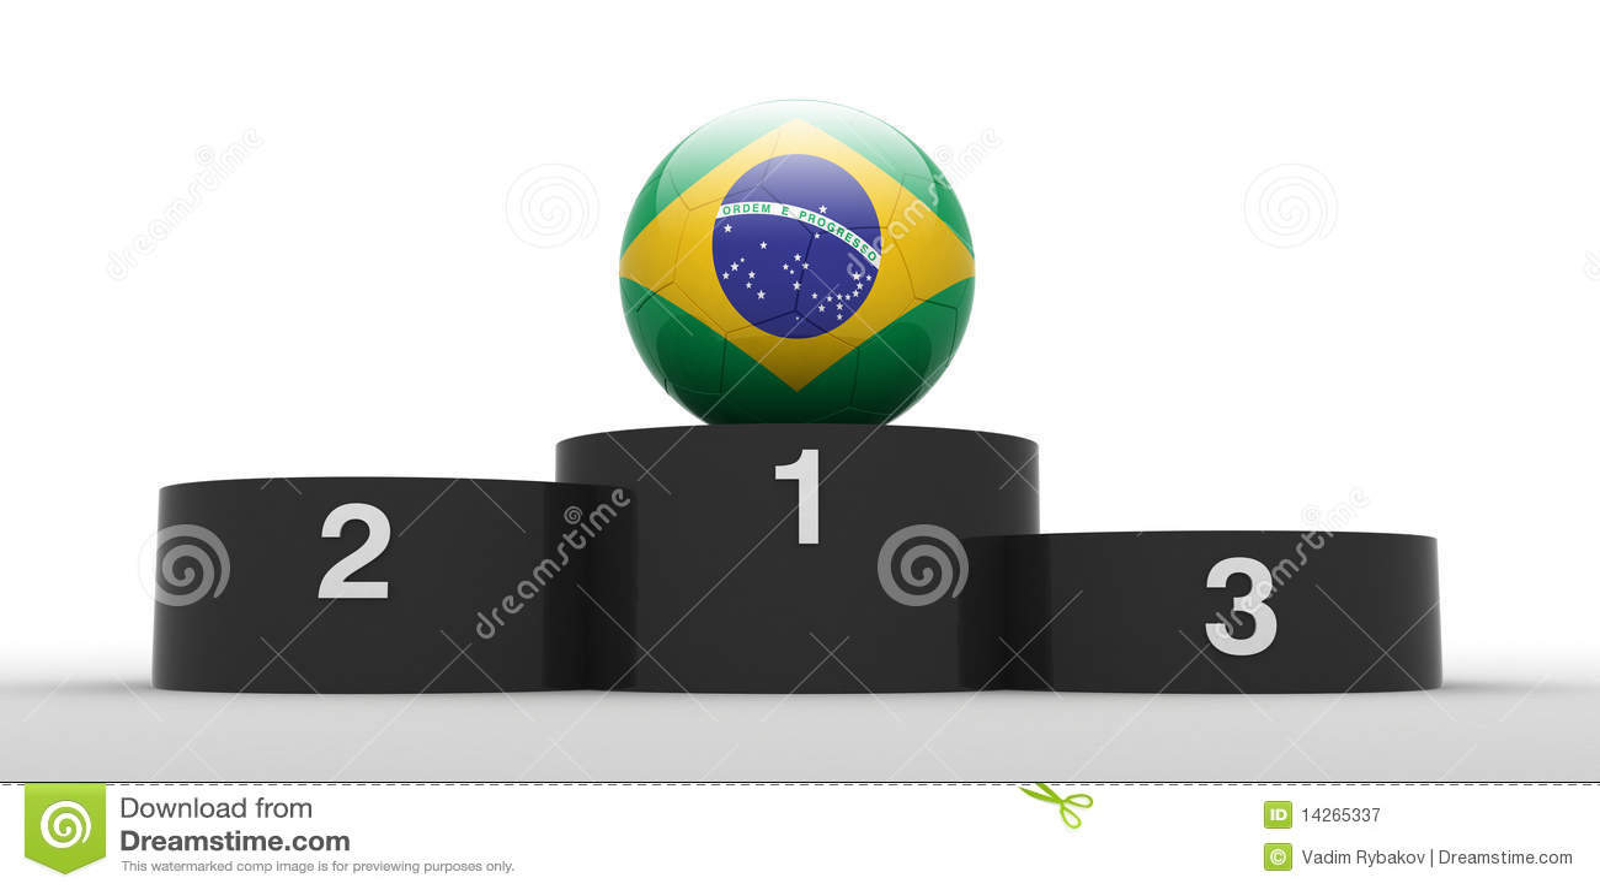 βραζιλιάνο ποδόσφαιρο